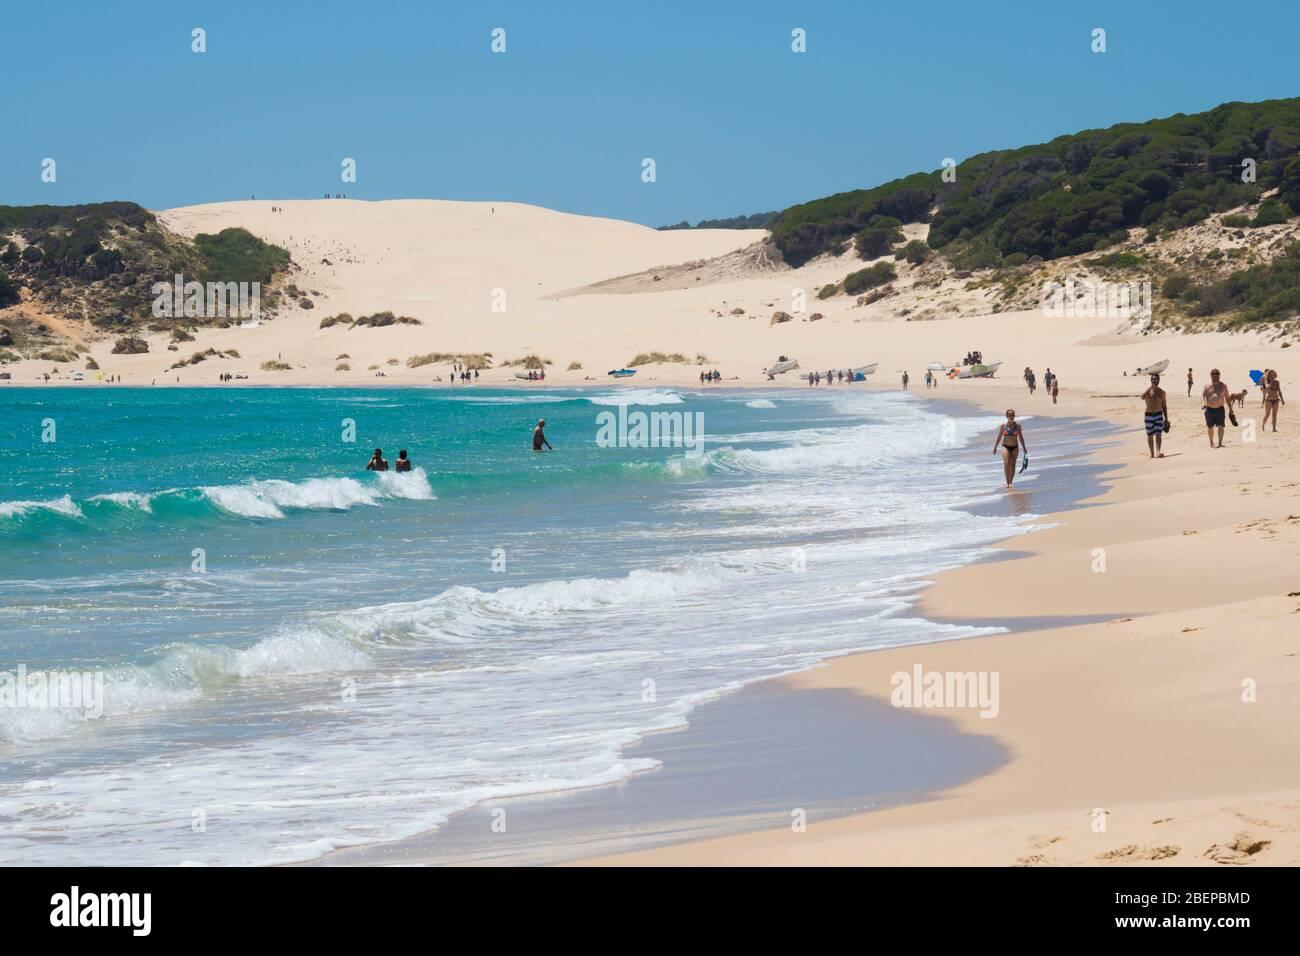 Bolonia, Costa de la Luz, Province de Cadiz, Andalousie, Espagne du sud. Plage de Bolonia. Playa de Bolonia. Dans l'arrière-plan est la dune de sable de Bolonia, o Banque D'Images